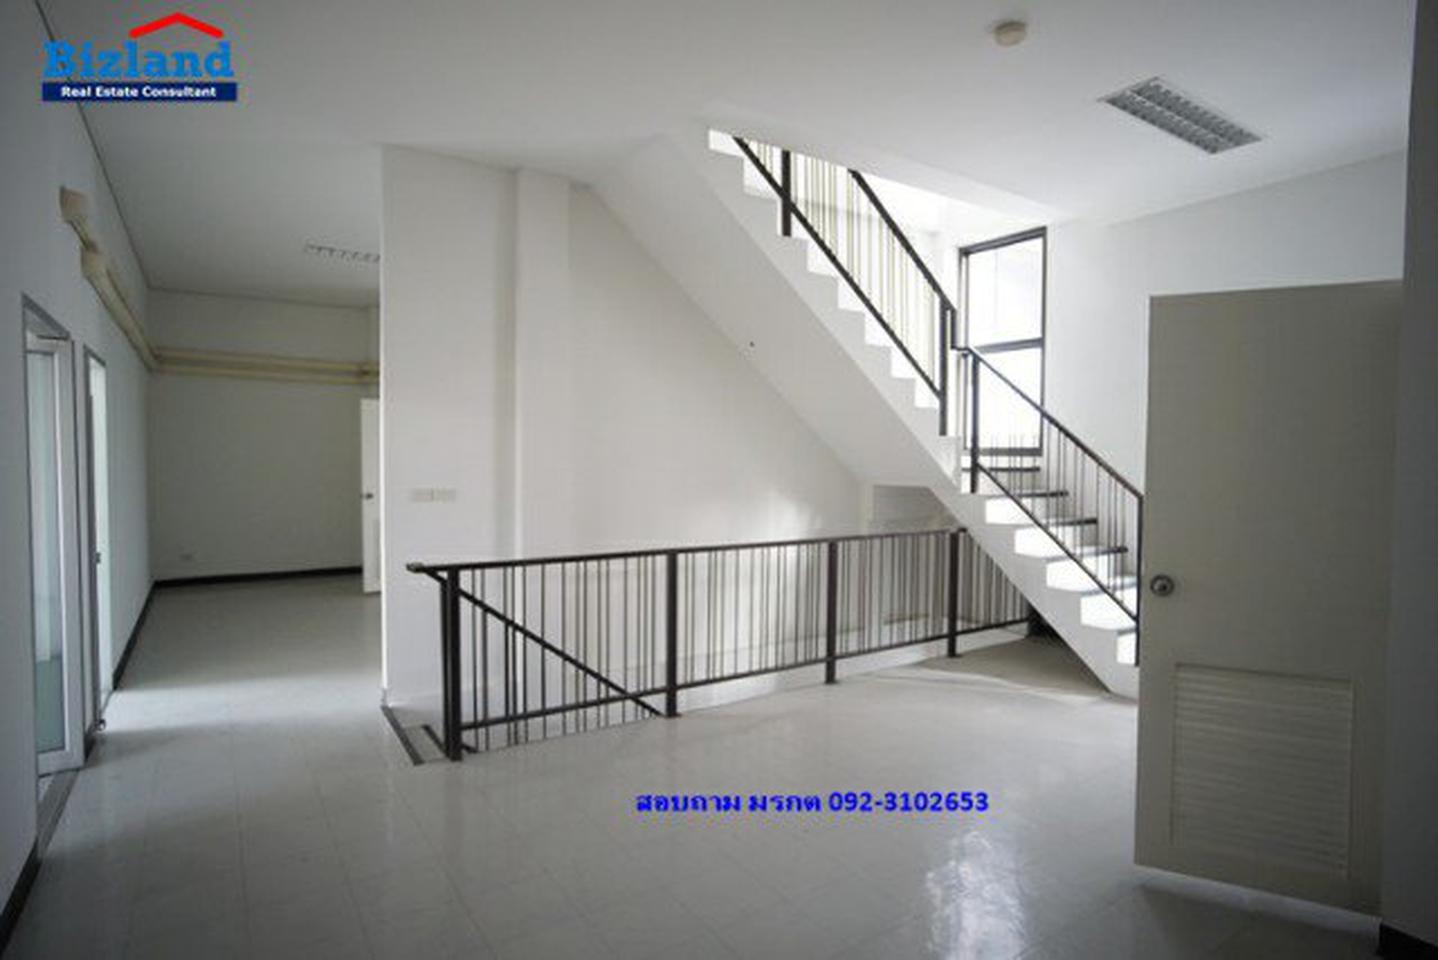 ขายอาคารพาณิชย์ 2 คูหา 3ชั้น เมืองทางธานี  รูปที่ 1